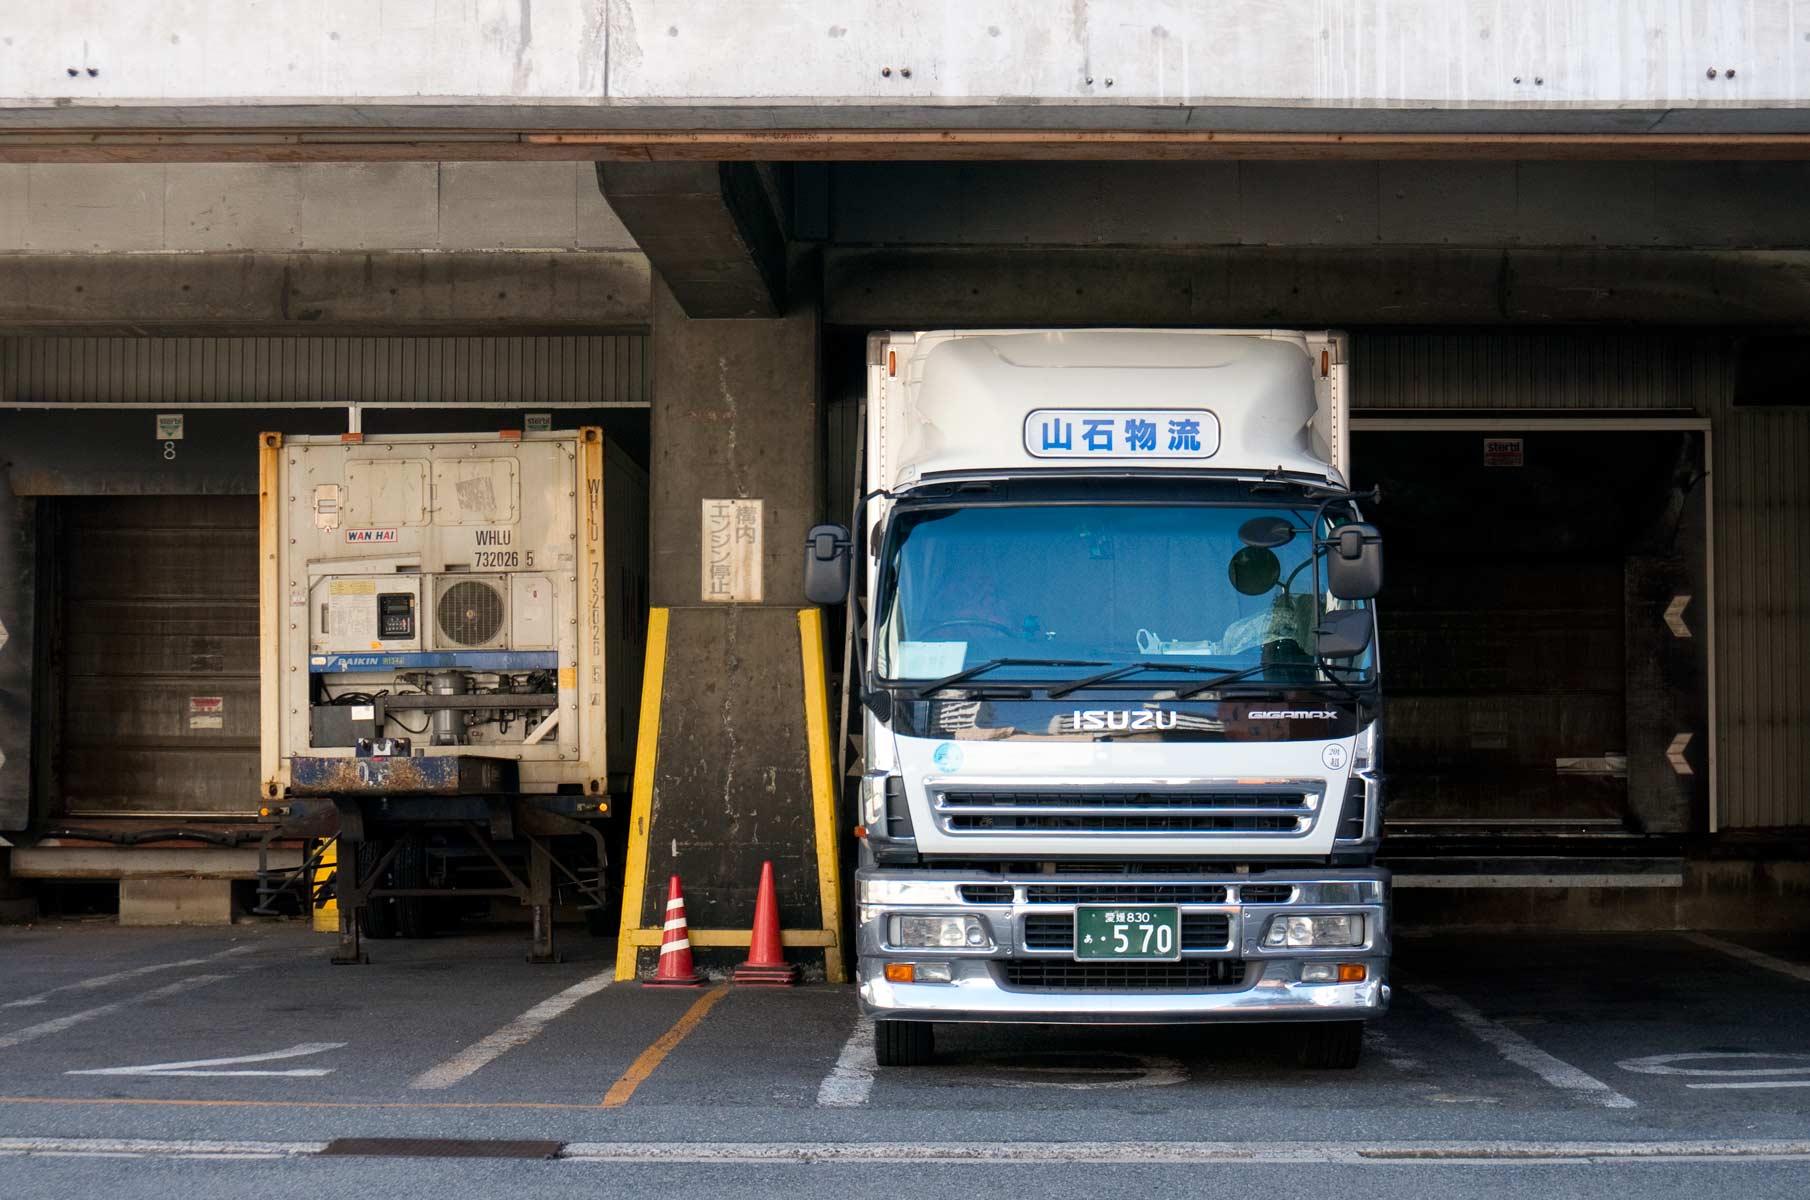 Isuzu Truck in Osaka, Japan